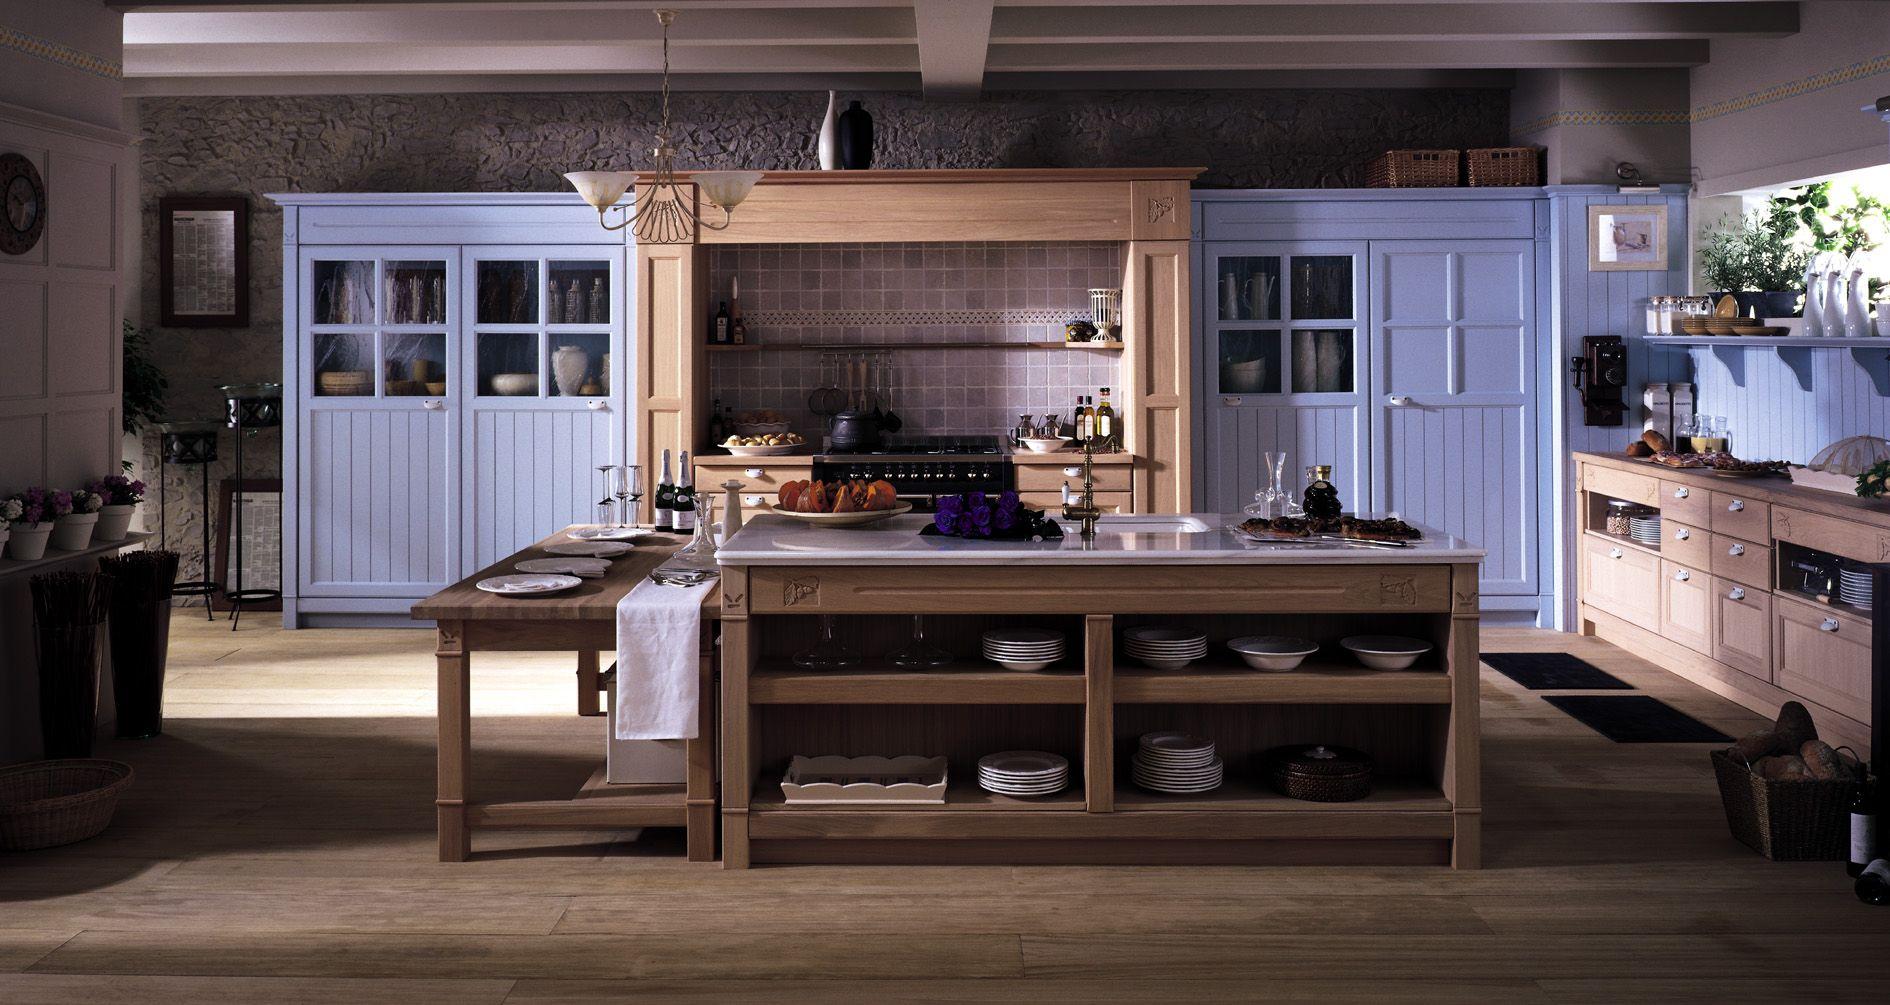 Cocinas de campo New Country - Gunni & Trentino | Nuestra cocina ...